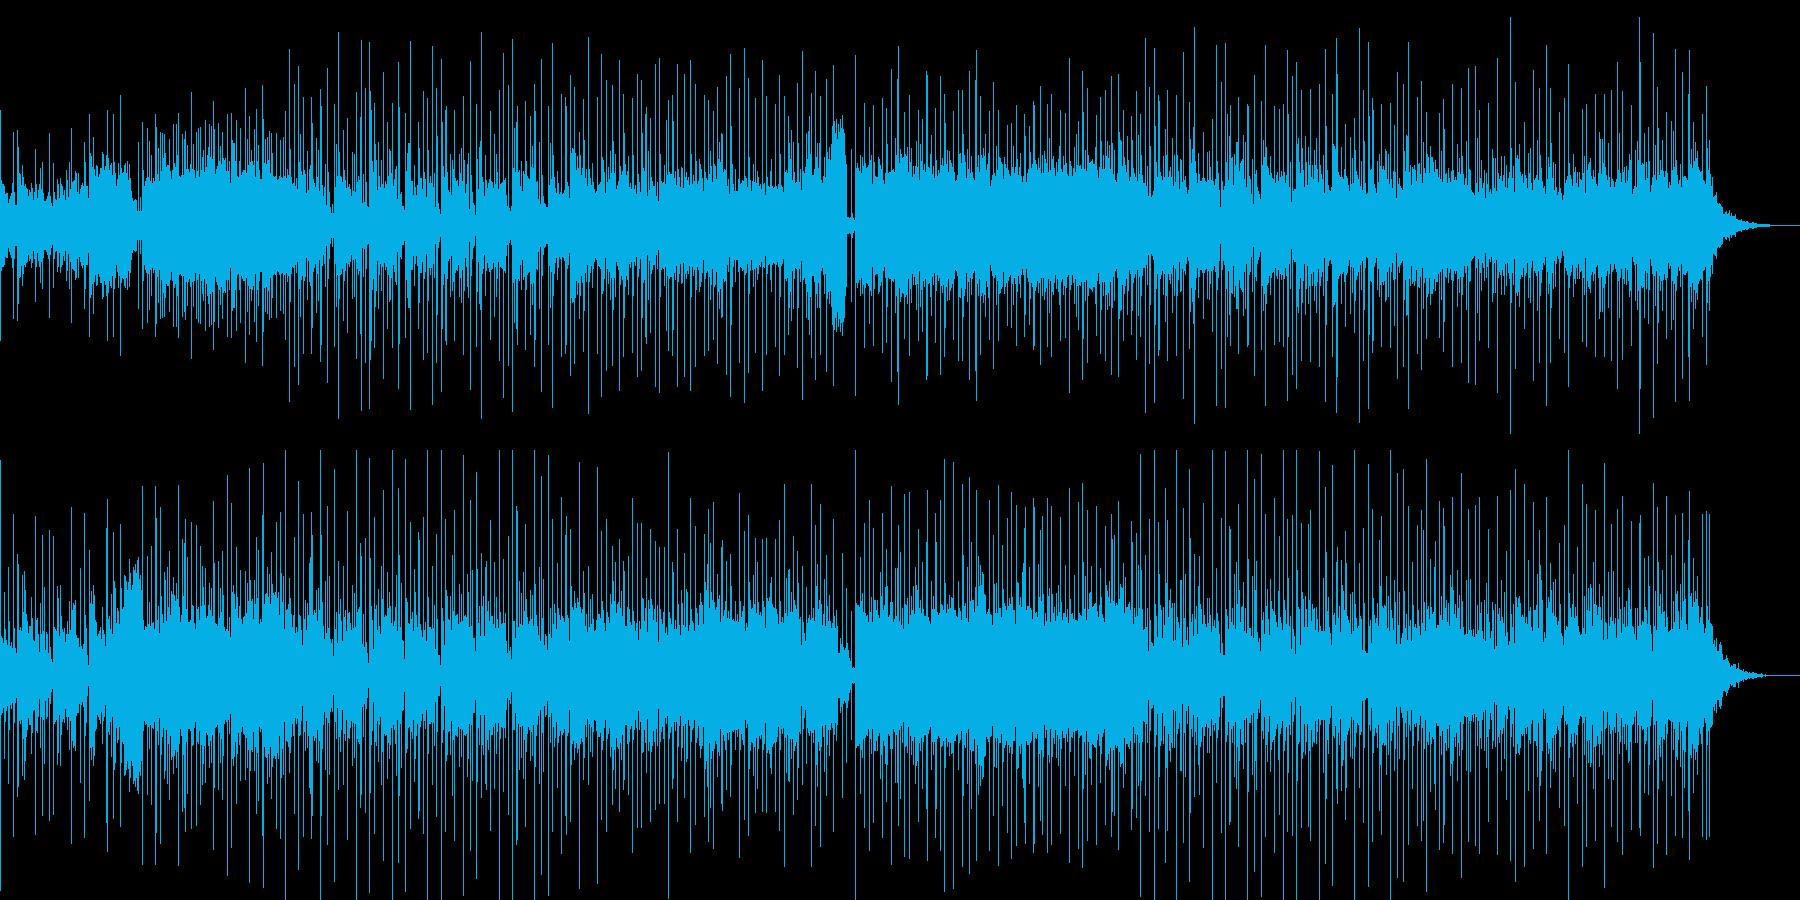 ほのぼのするメロディと印象的なリズムの曲の再生済みの波形